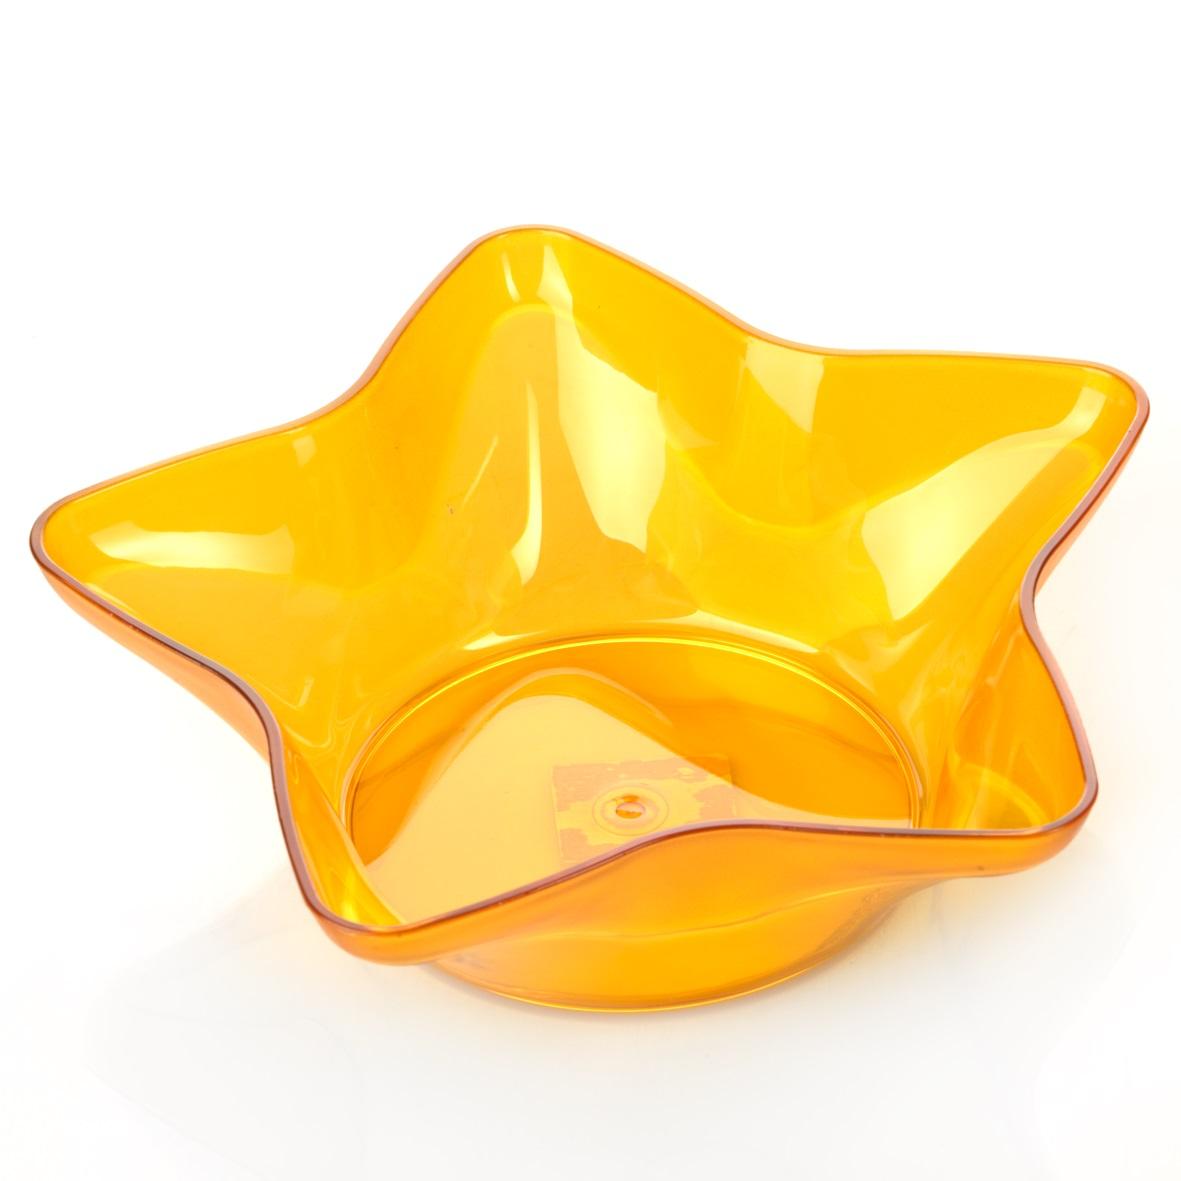 Миска Dunya Plastik Звезда, цвет: оранжевый, 25 х 24 см11167_оранжевыйМиска Dunya Plastik Звезда изготовлена из прозрачного пластика, имеет форму звезды. Такая миска прекрасно подойдет для сервировки ягод, овощей и фруктов, салатов и других продуктов.